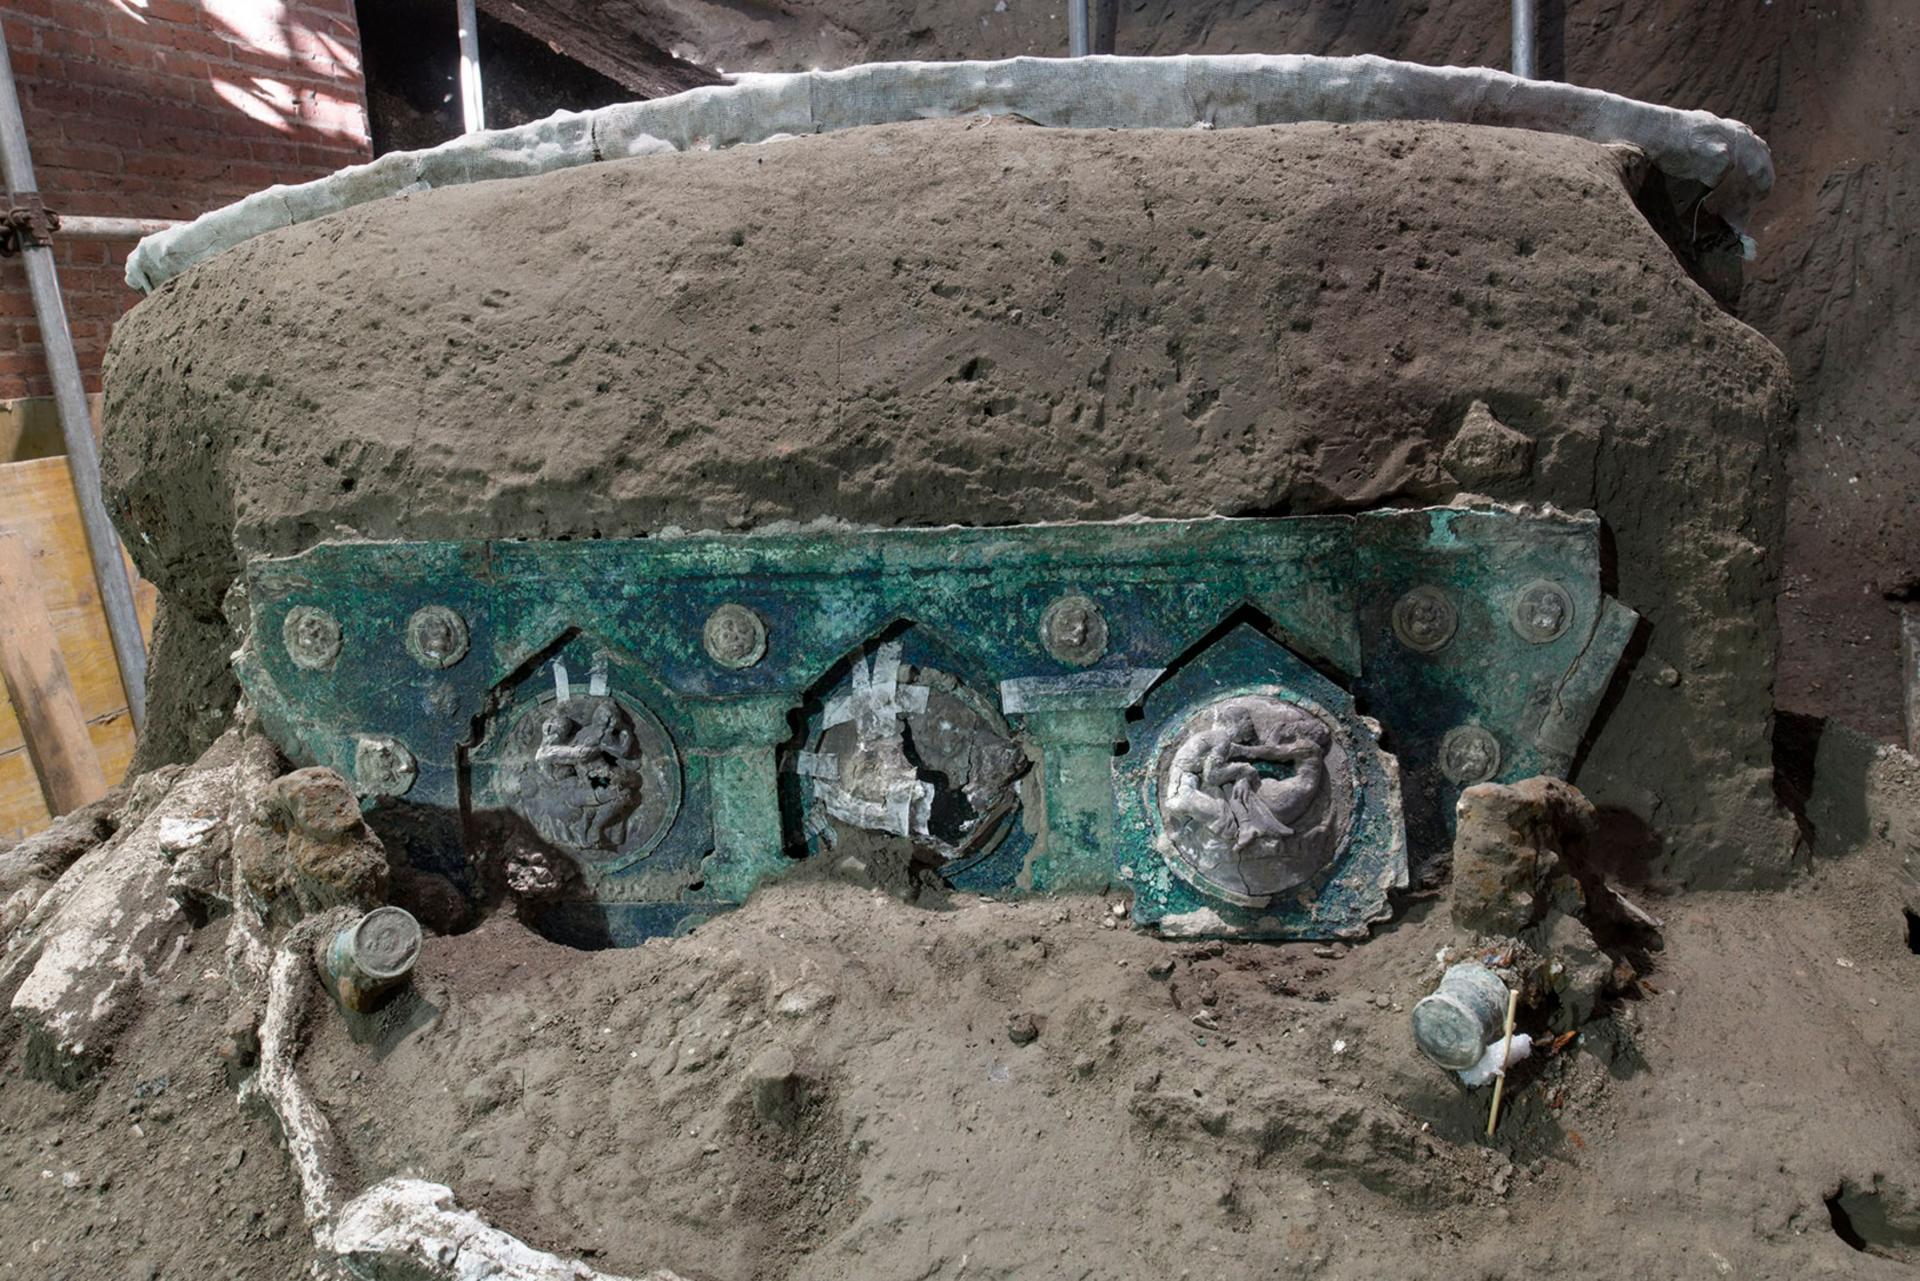 (FOTO/VIDEO) Arheološka senzacija u Pompejima: Pronađena gotovo neoštećena kočija s erotskim scenama